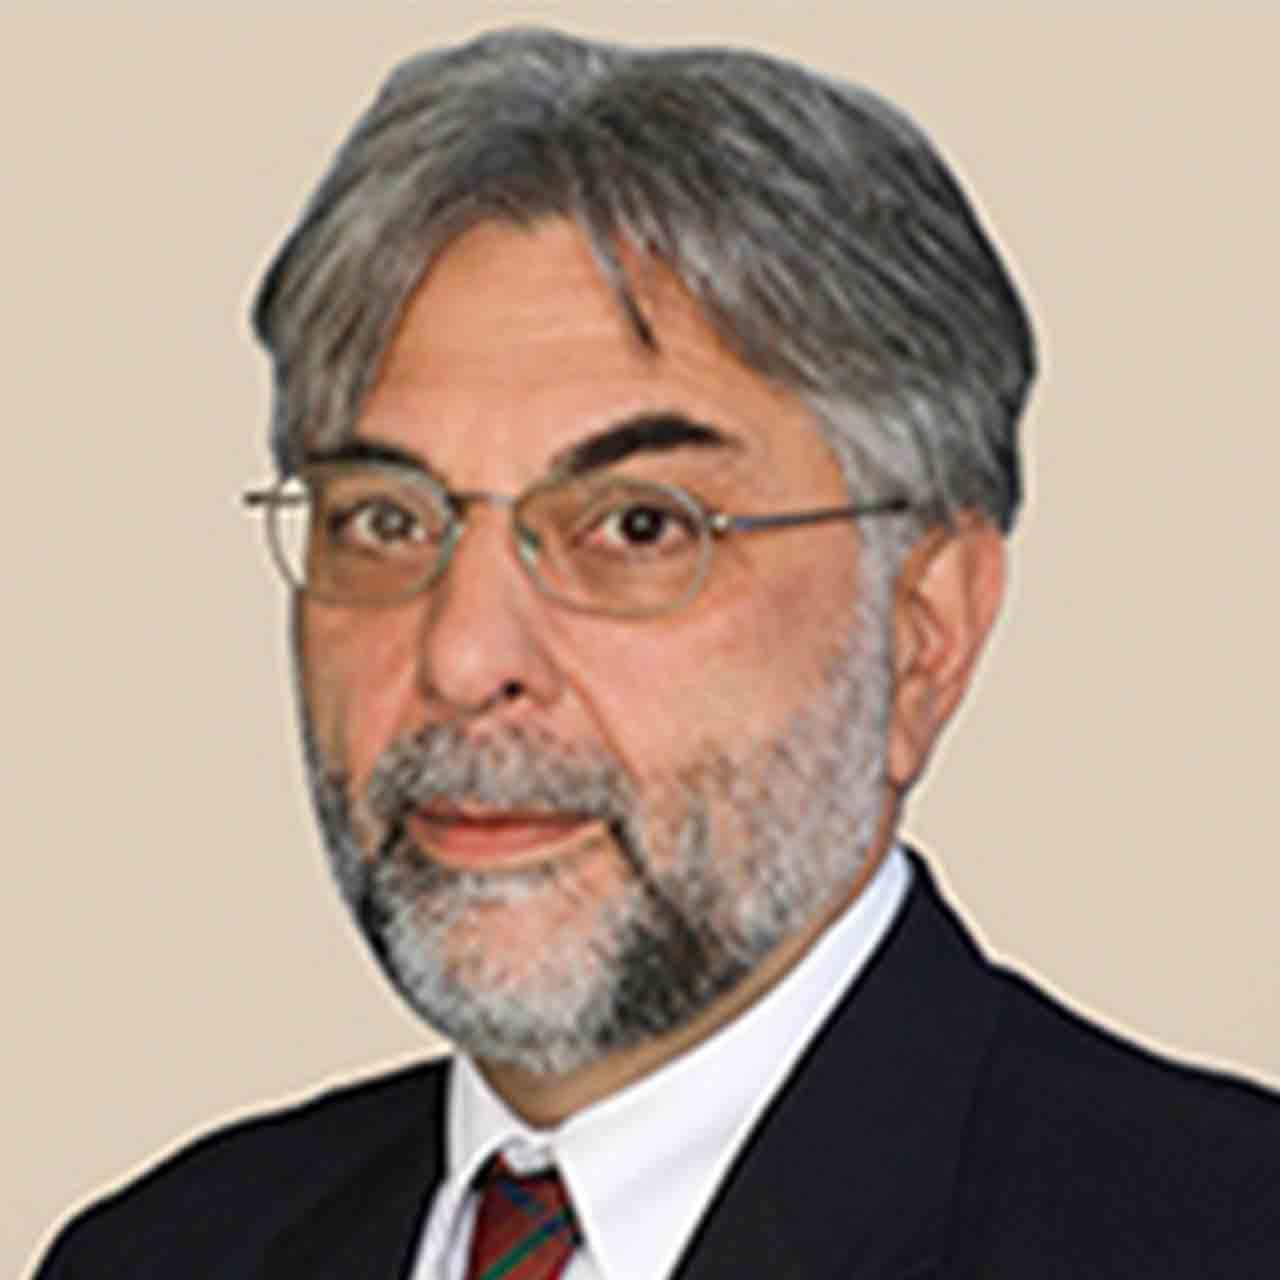 Peter M. Diamantini